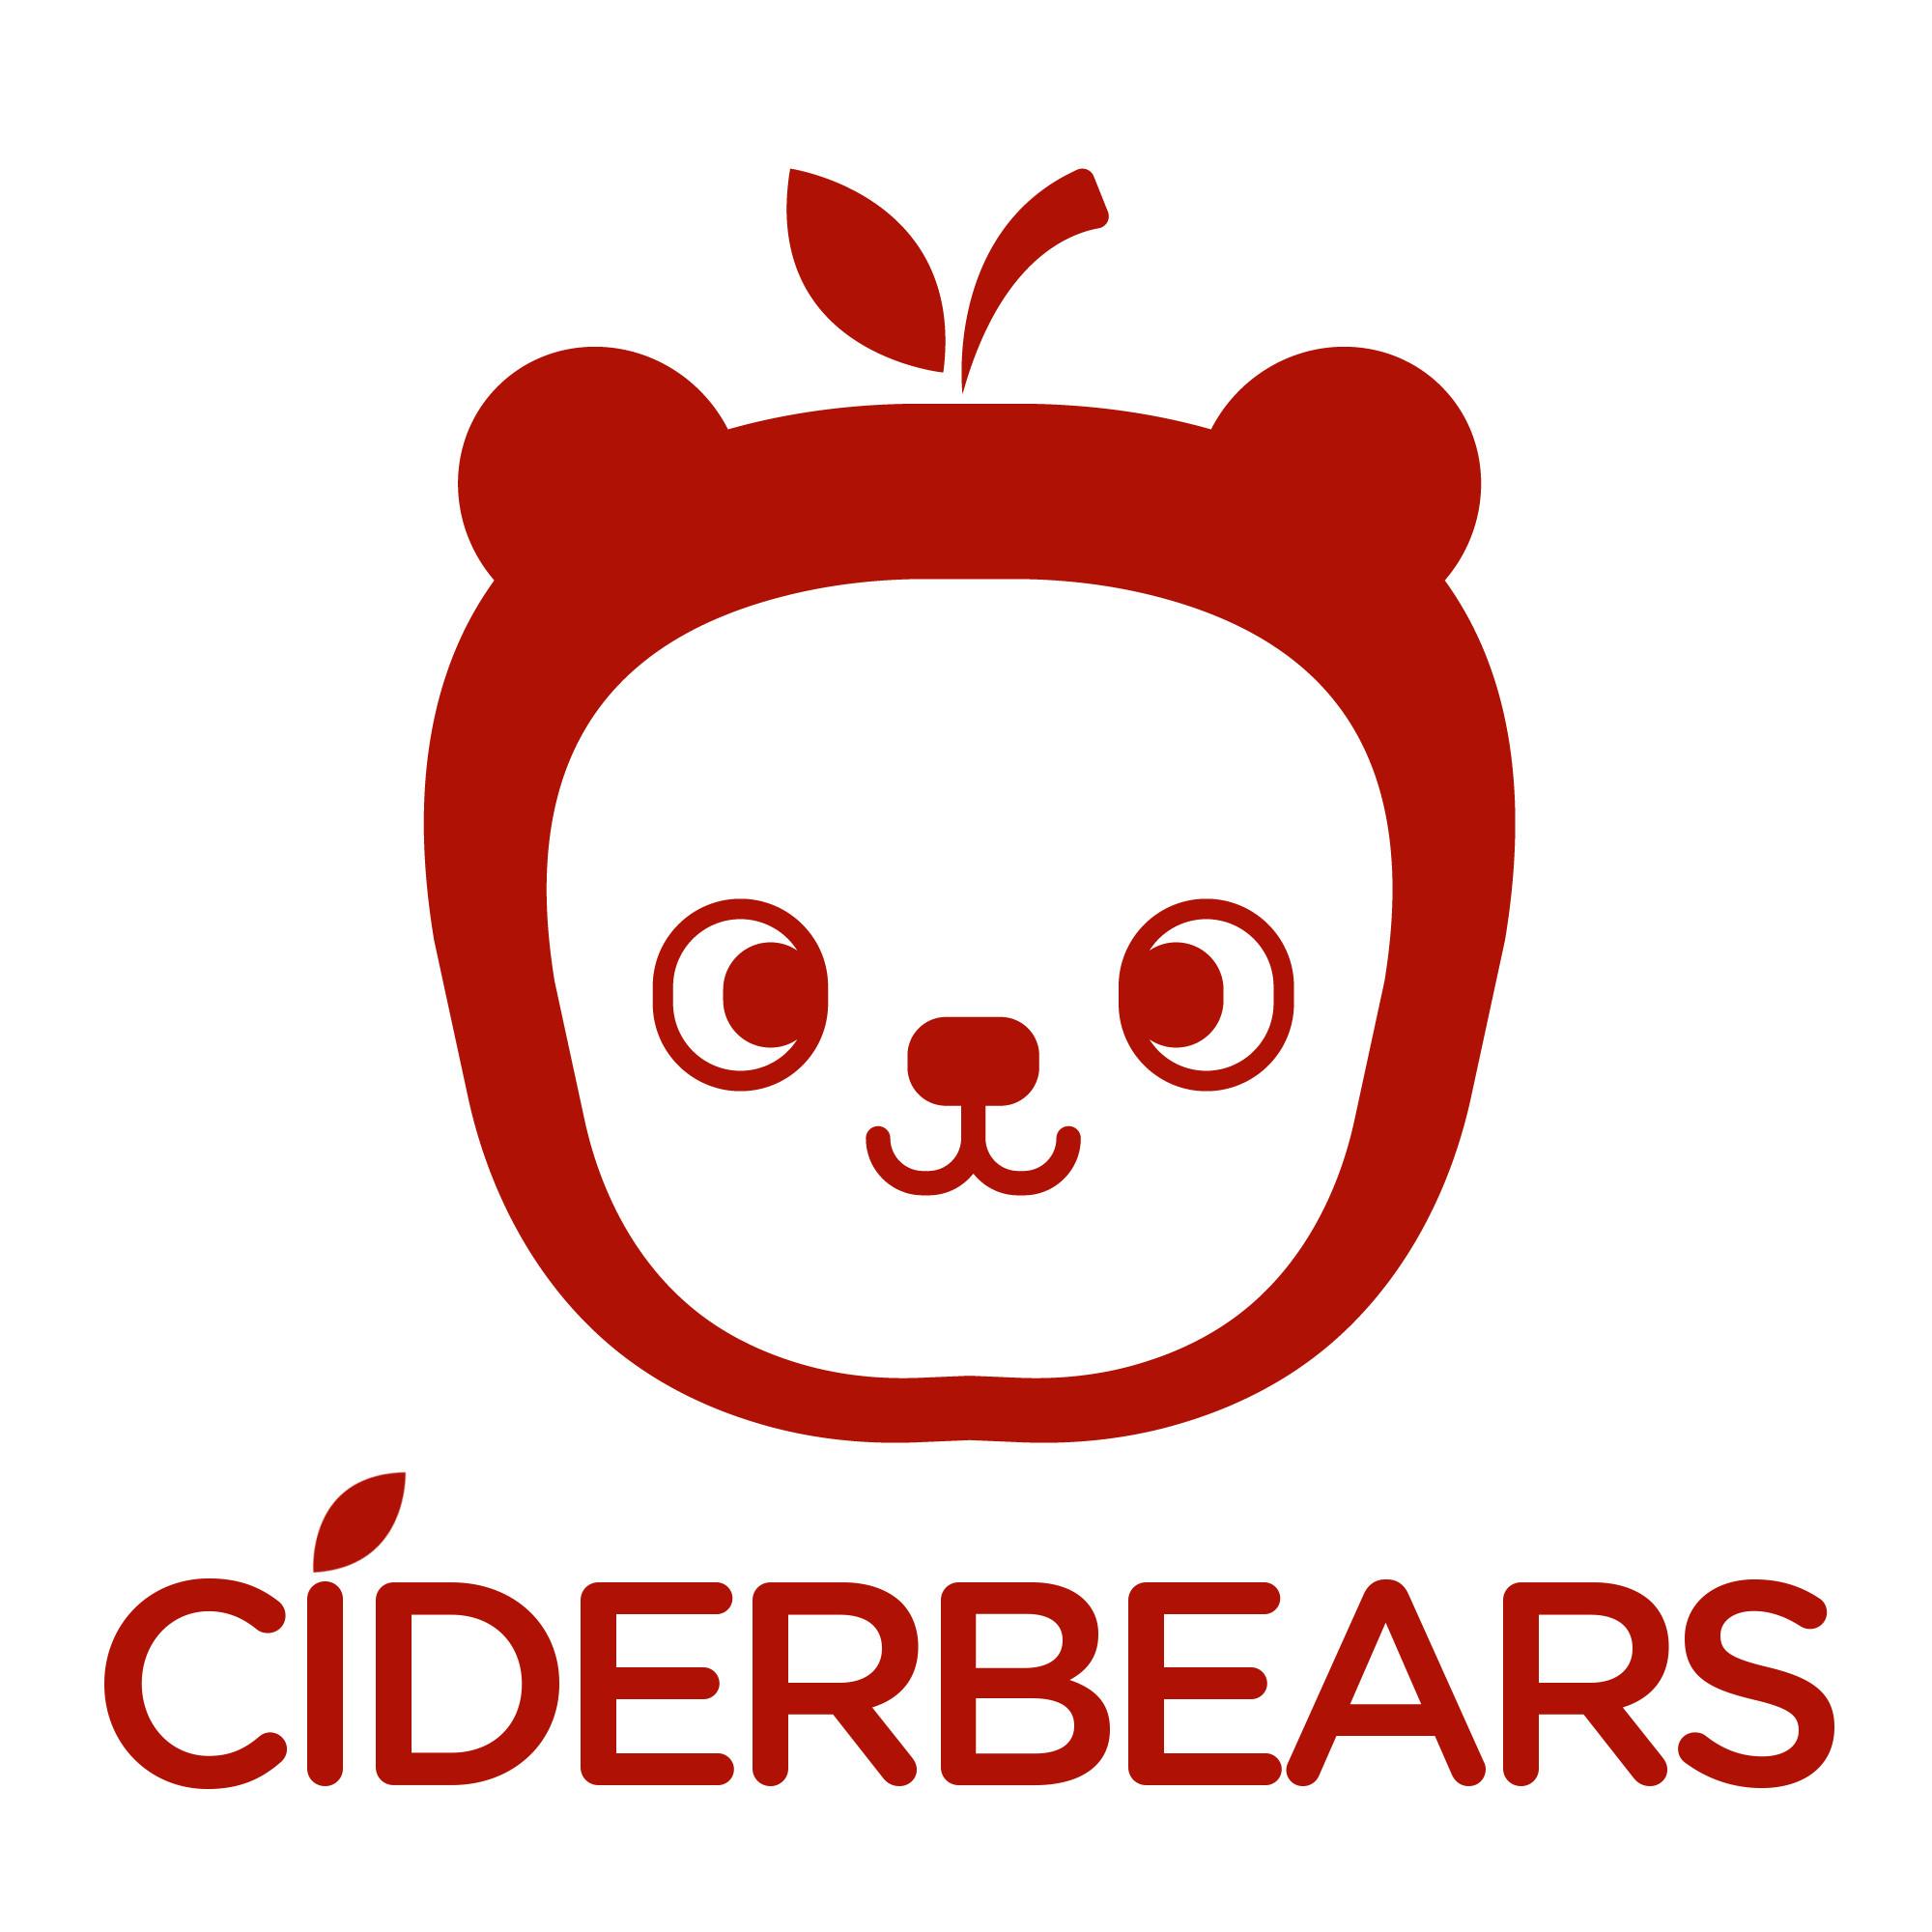 CiderBears